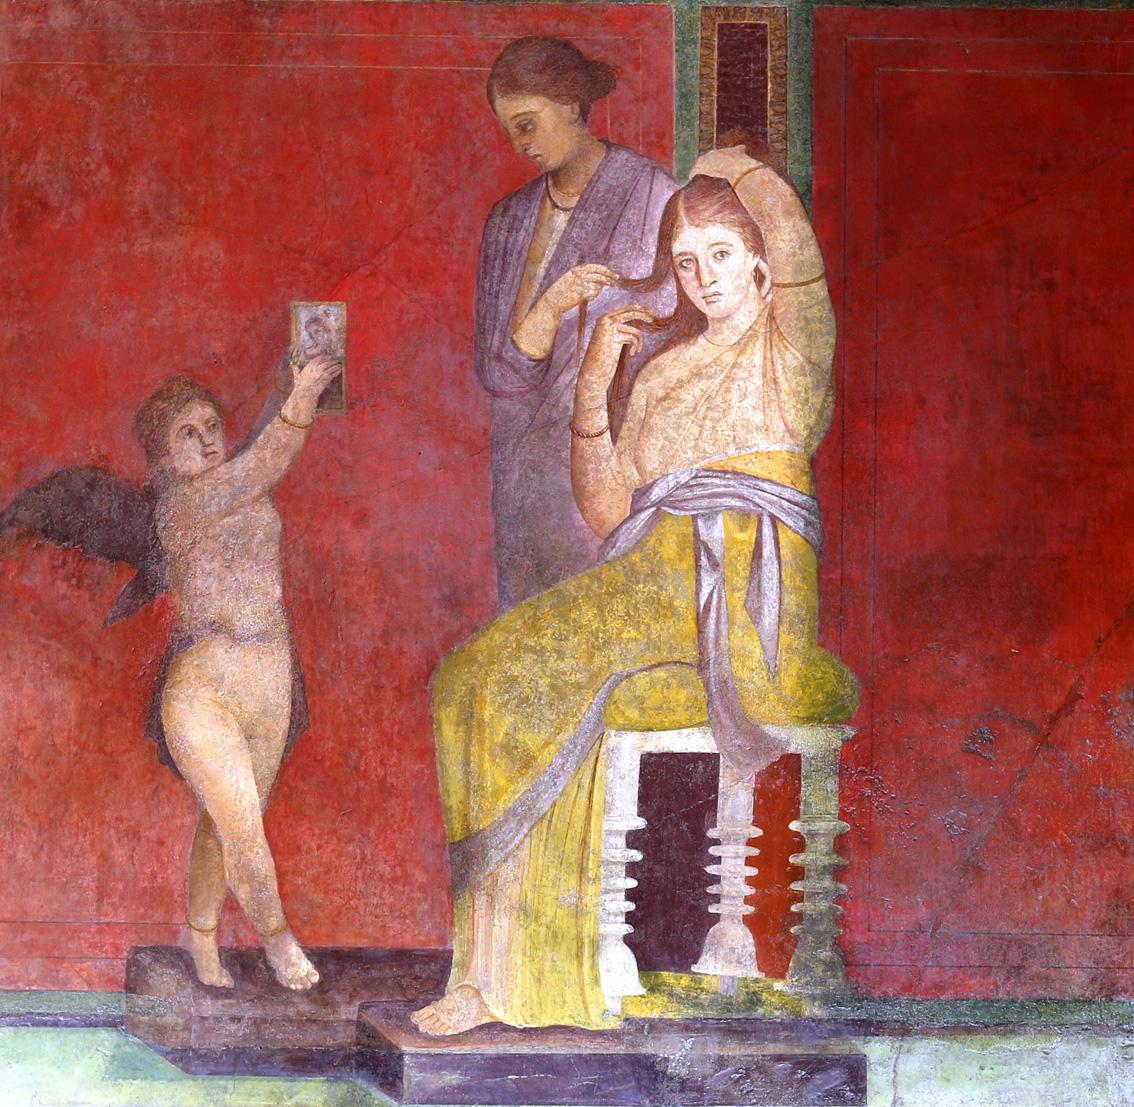 Detalle de uno de los dibujos de la Sala del Triclinio después de la restauración.